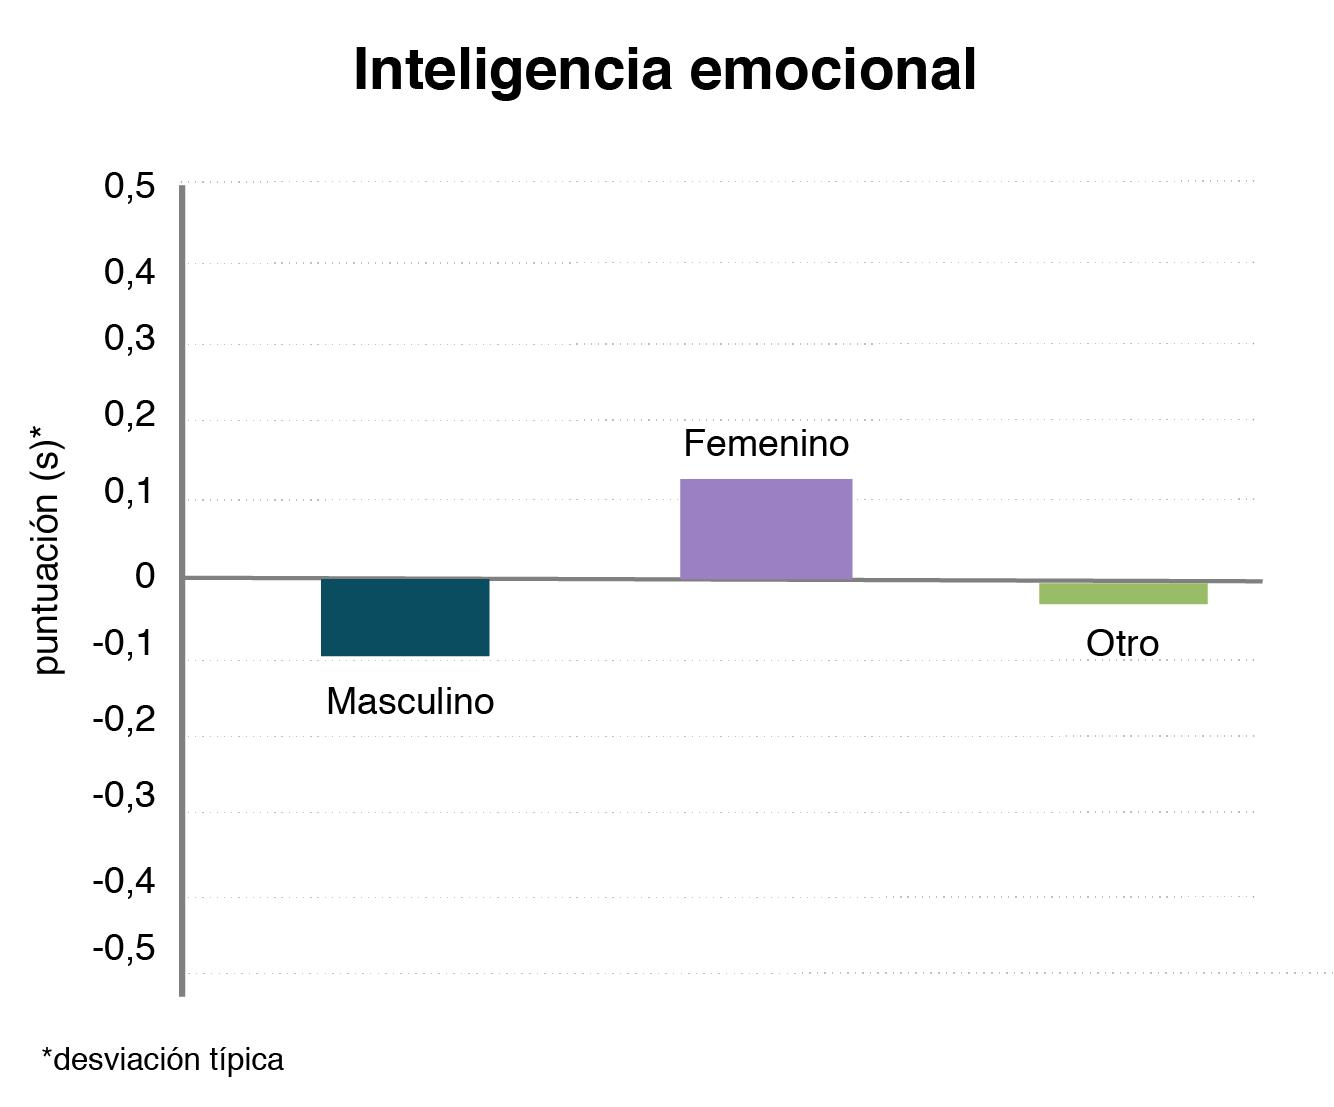 Gráfico que muestra que las mujeres tienen mejor inteligencia emocional